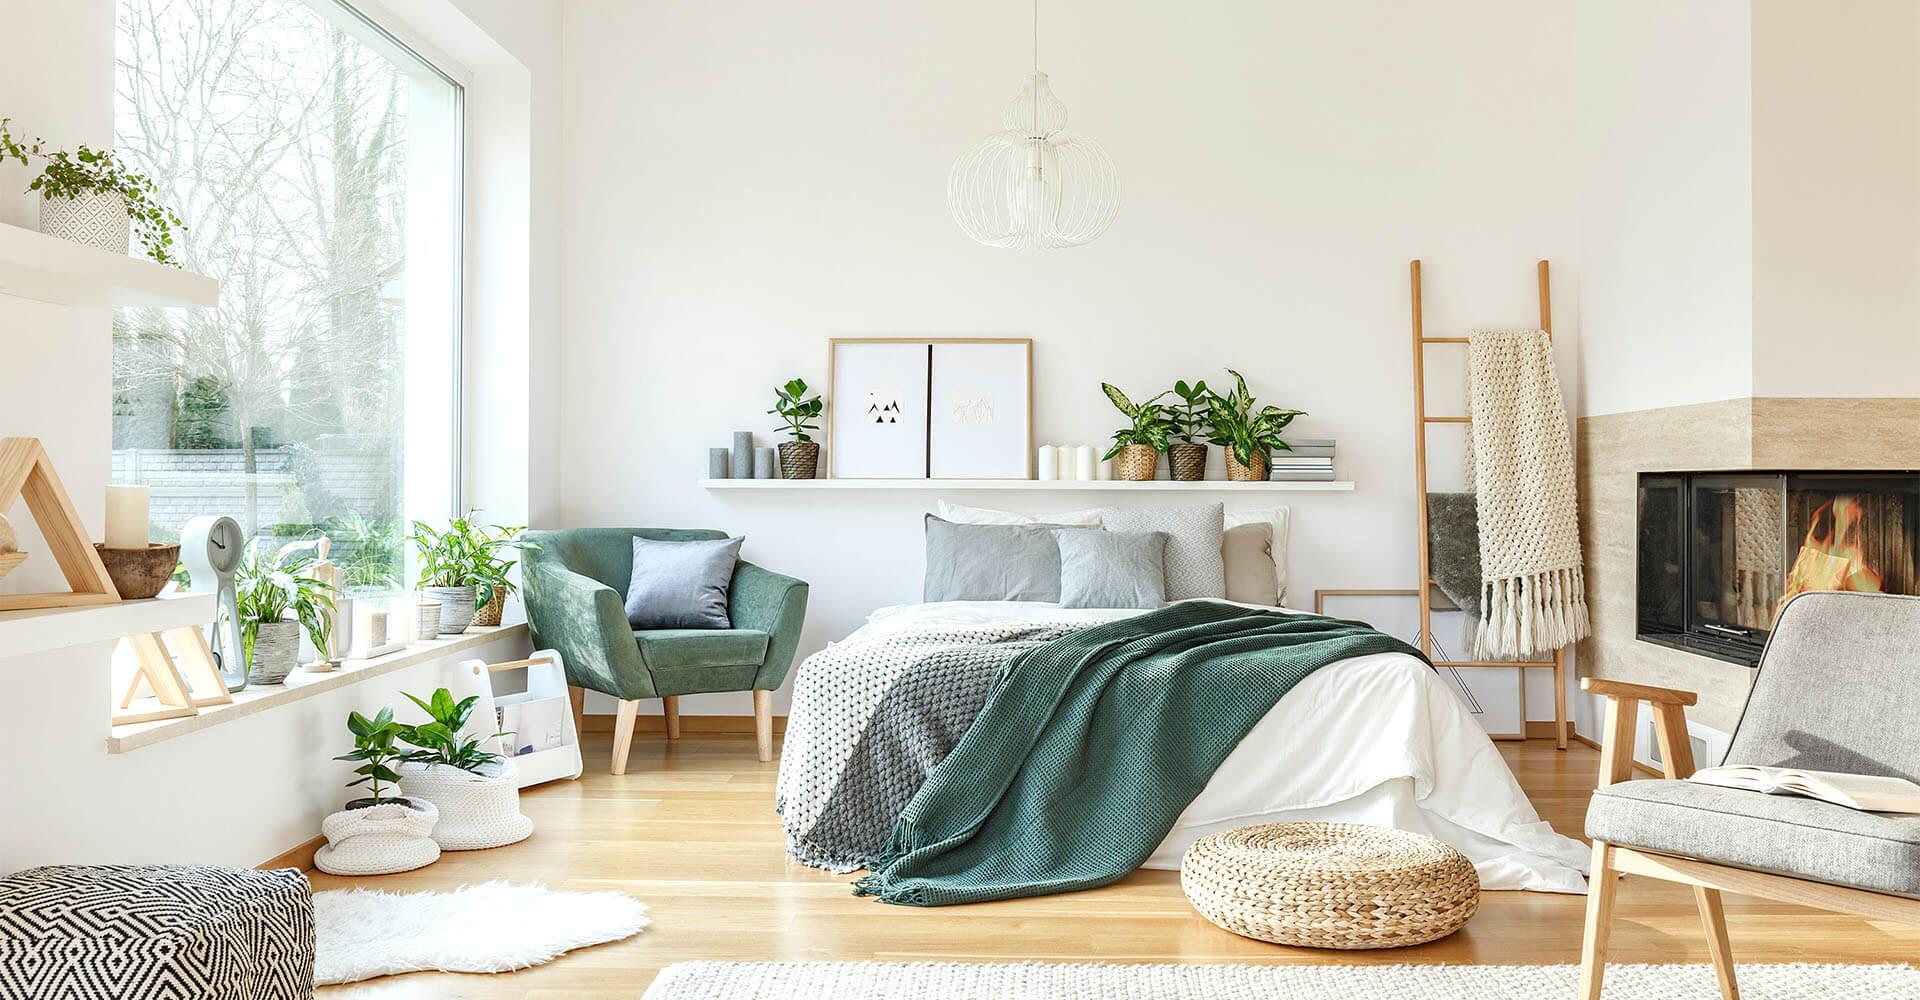 Full Size of Ausgefallene Schlafzimmer Gemtlich Gestalten Erschaffe Deine Wohlfhl Oase Deckenleuchte Modern Komplett Guenstig Günstig Landhaus Sessel Mit überbau Weiß Wohnzimmer Ausgefallene Schlafzimmer